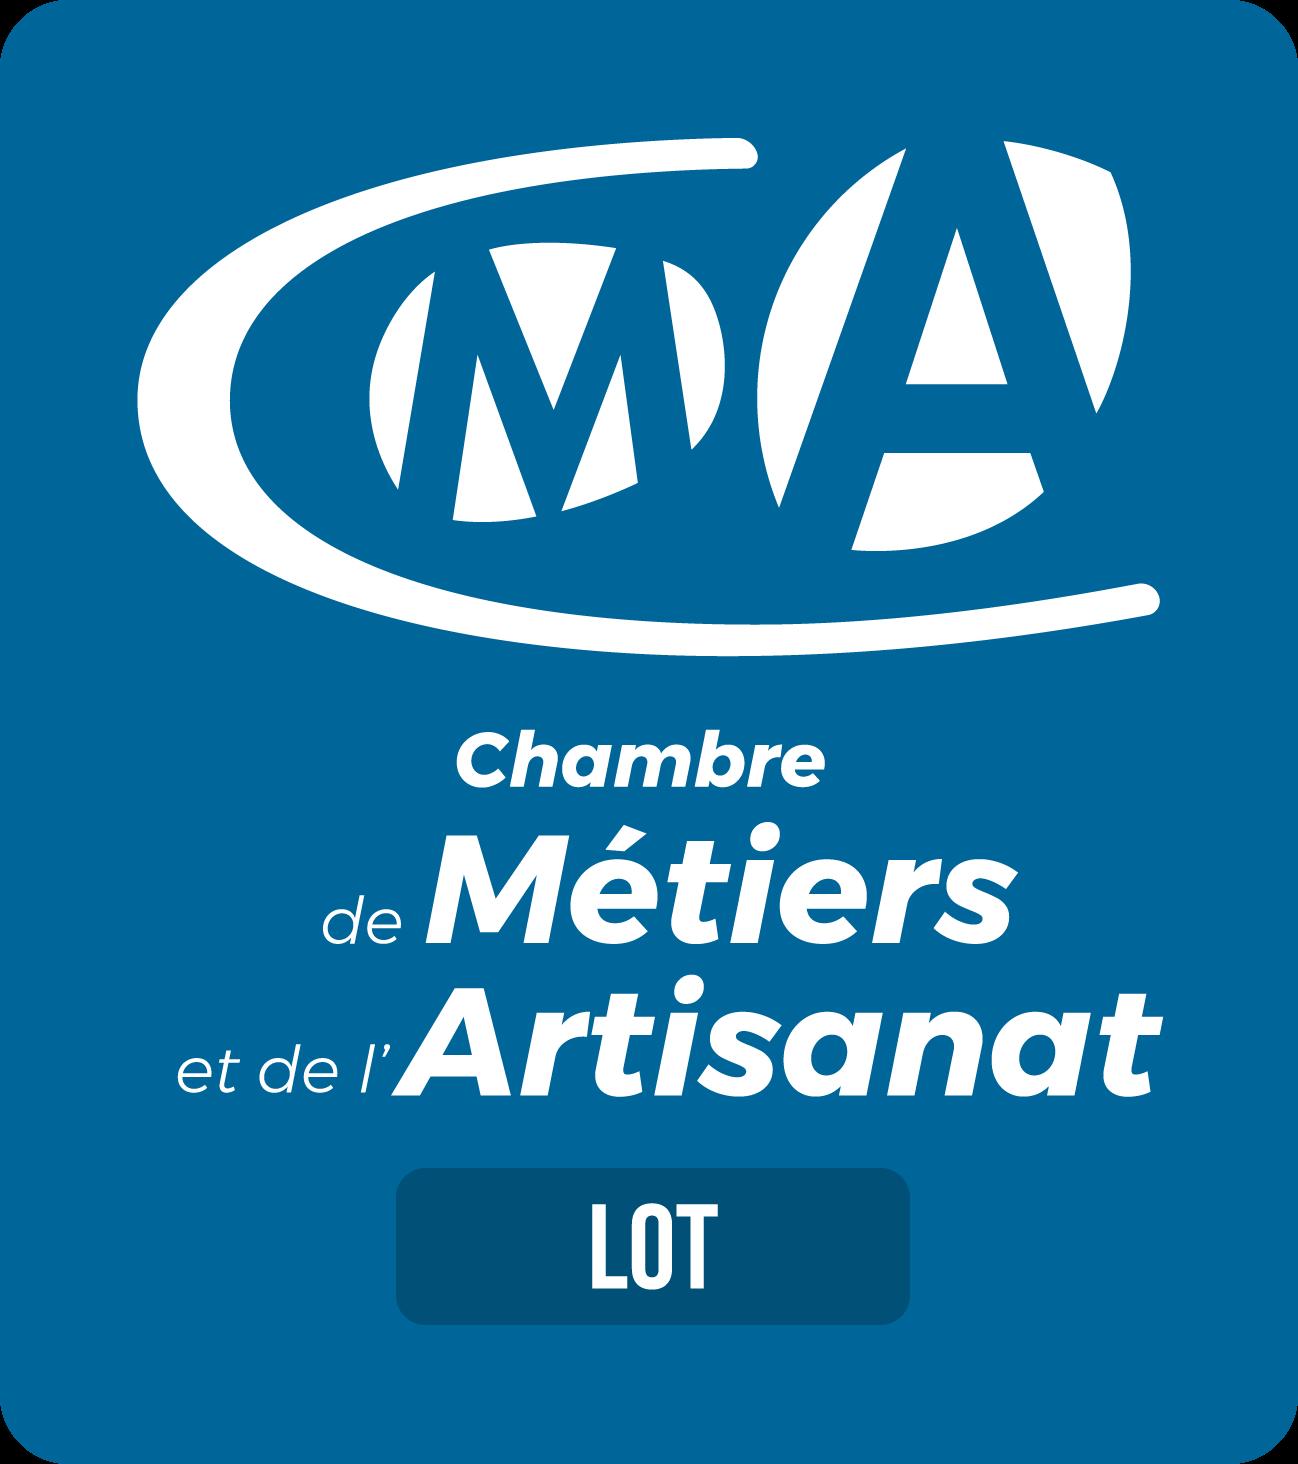 Accueil - Chambre de Métiers et de l'Artisanat du Lot